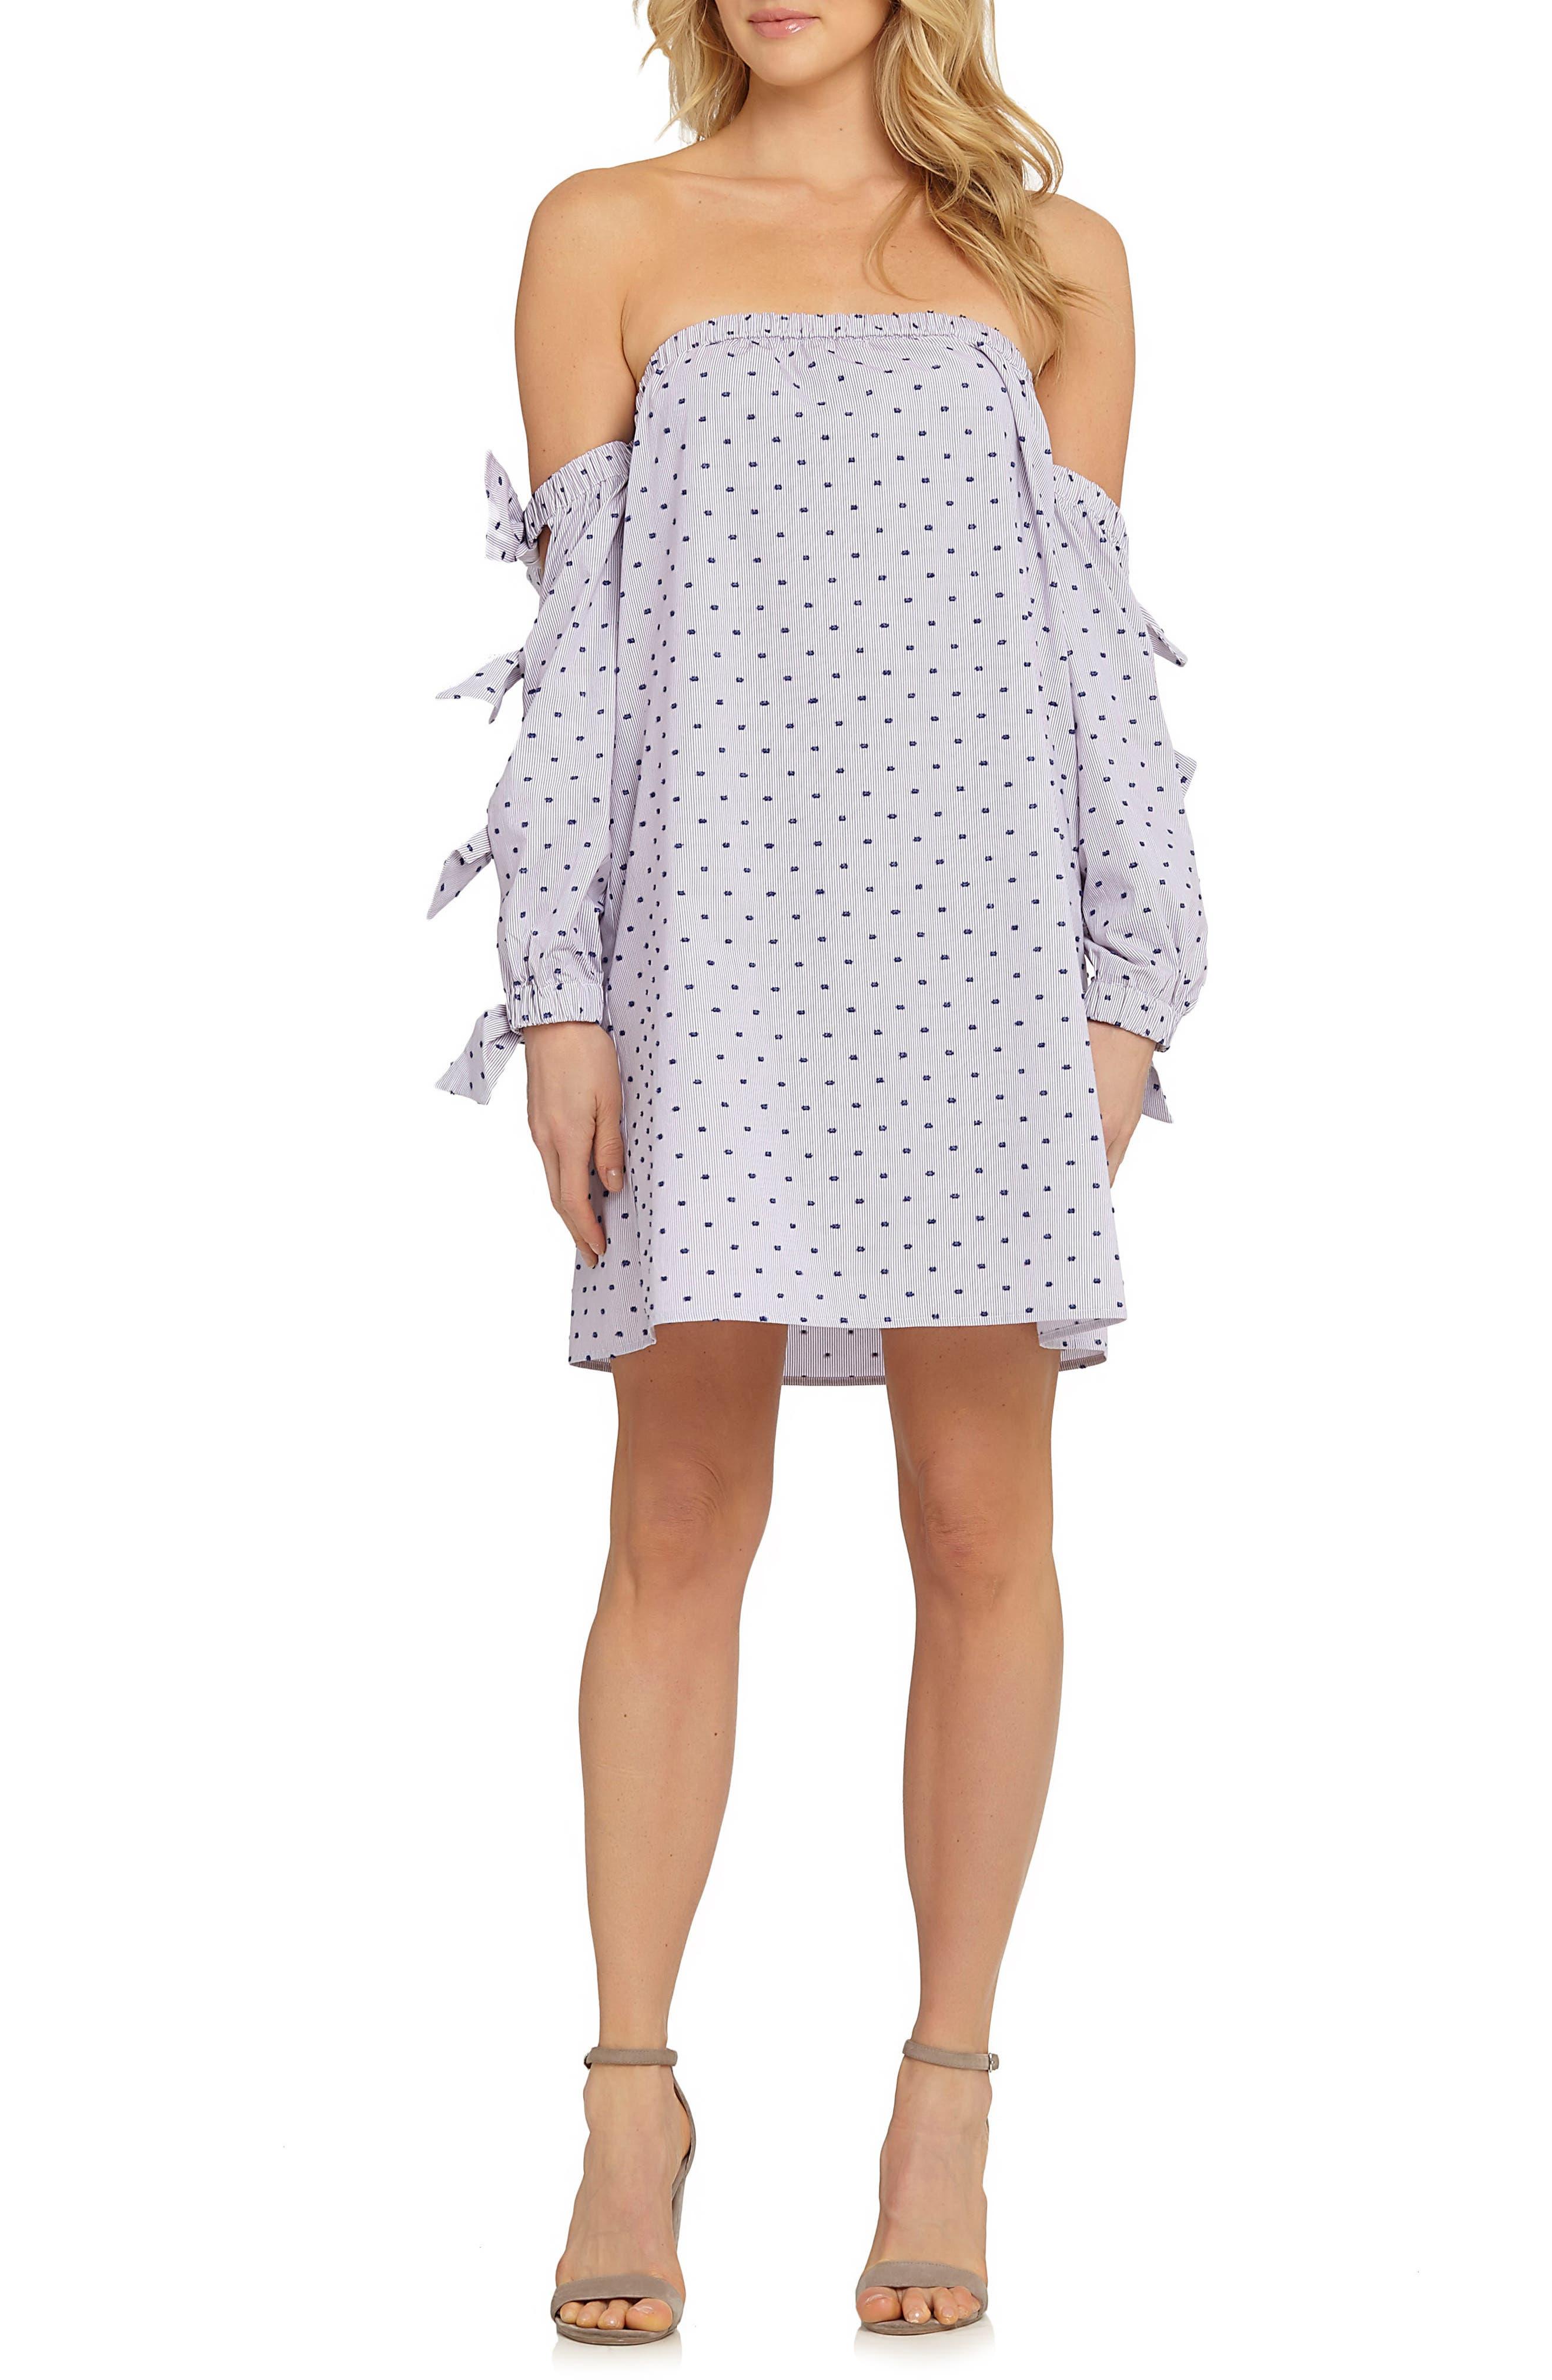 CeCe Kellen Cotton Shift Dress